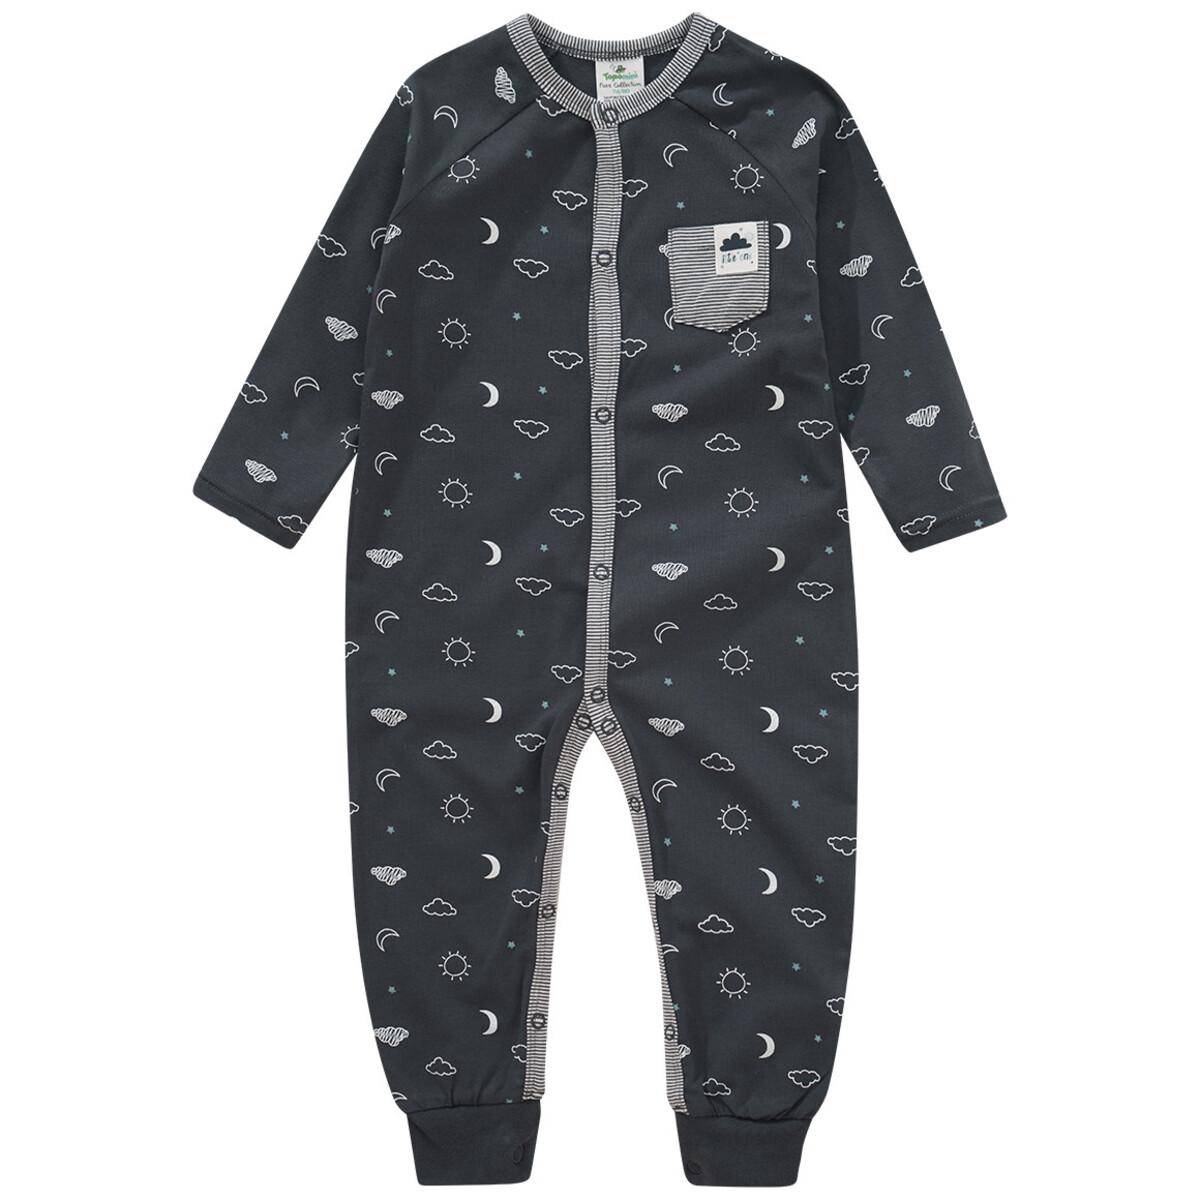 Bild 1 von Baby Schlafanzug mit Allover-Motiv